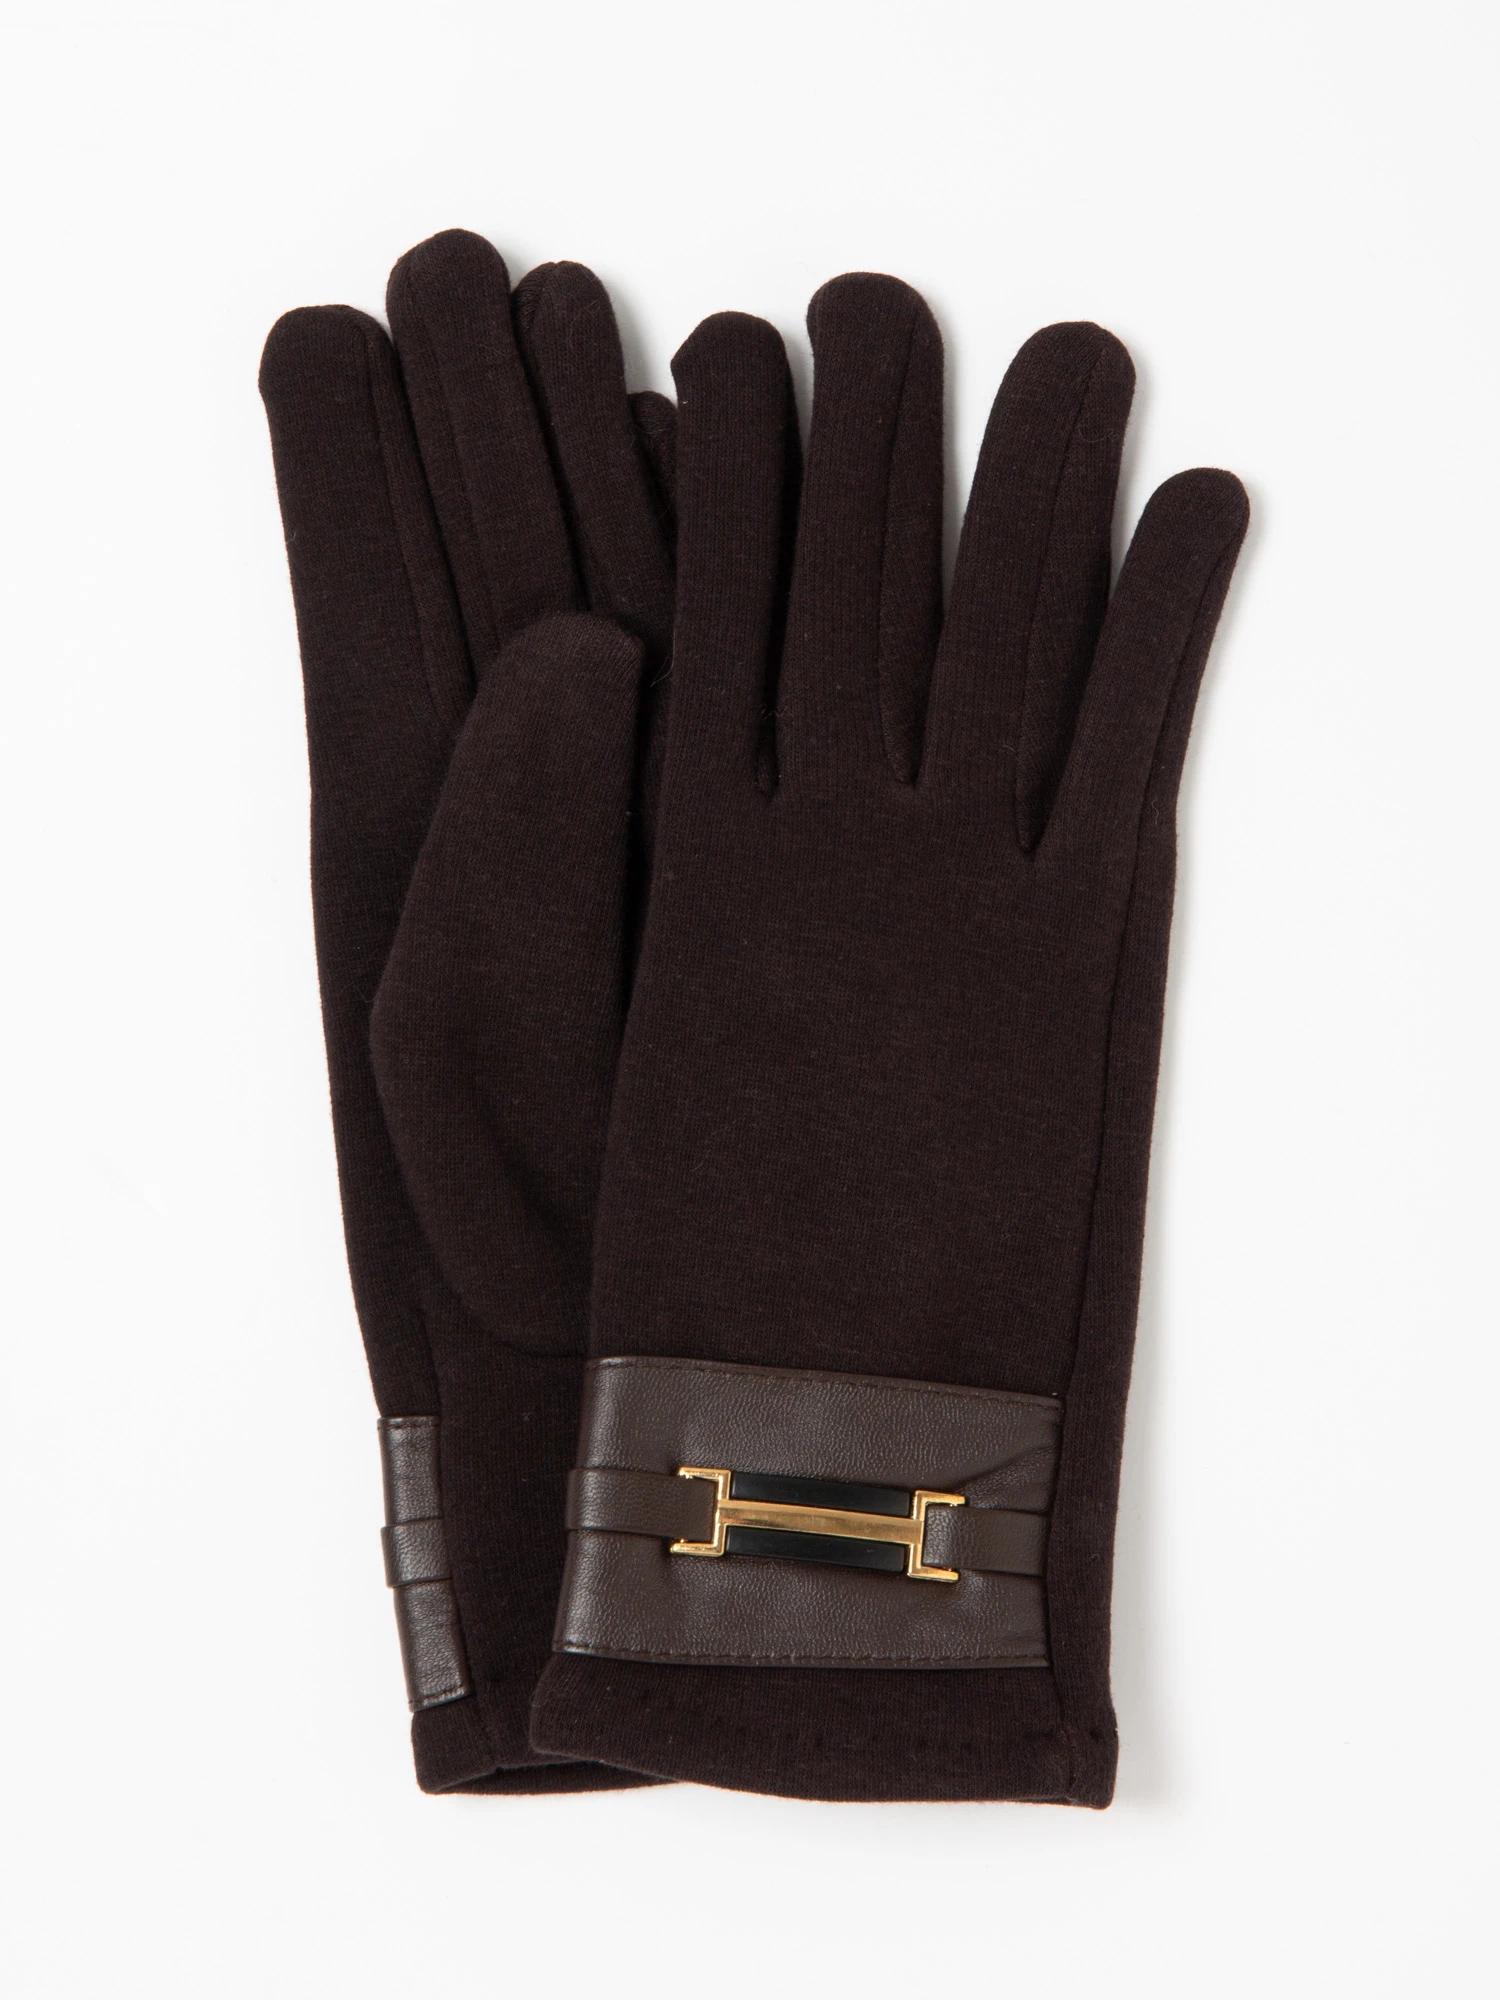 ビットスエット手袋